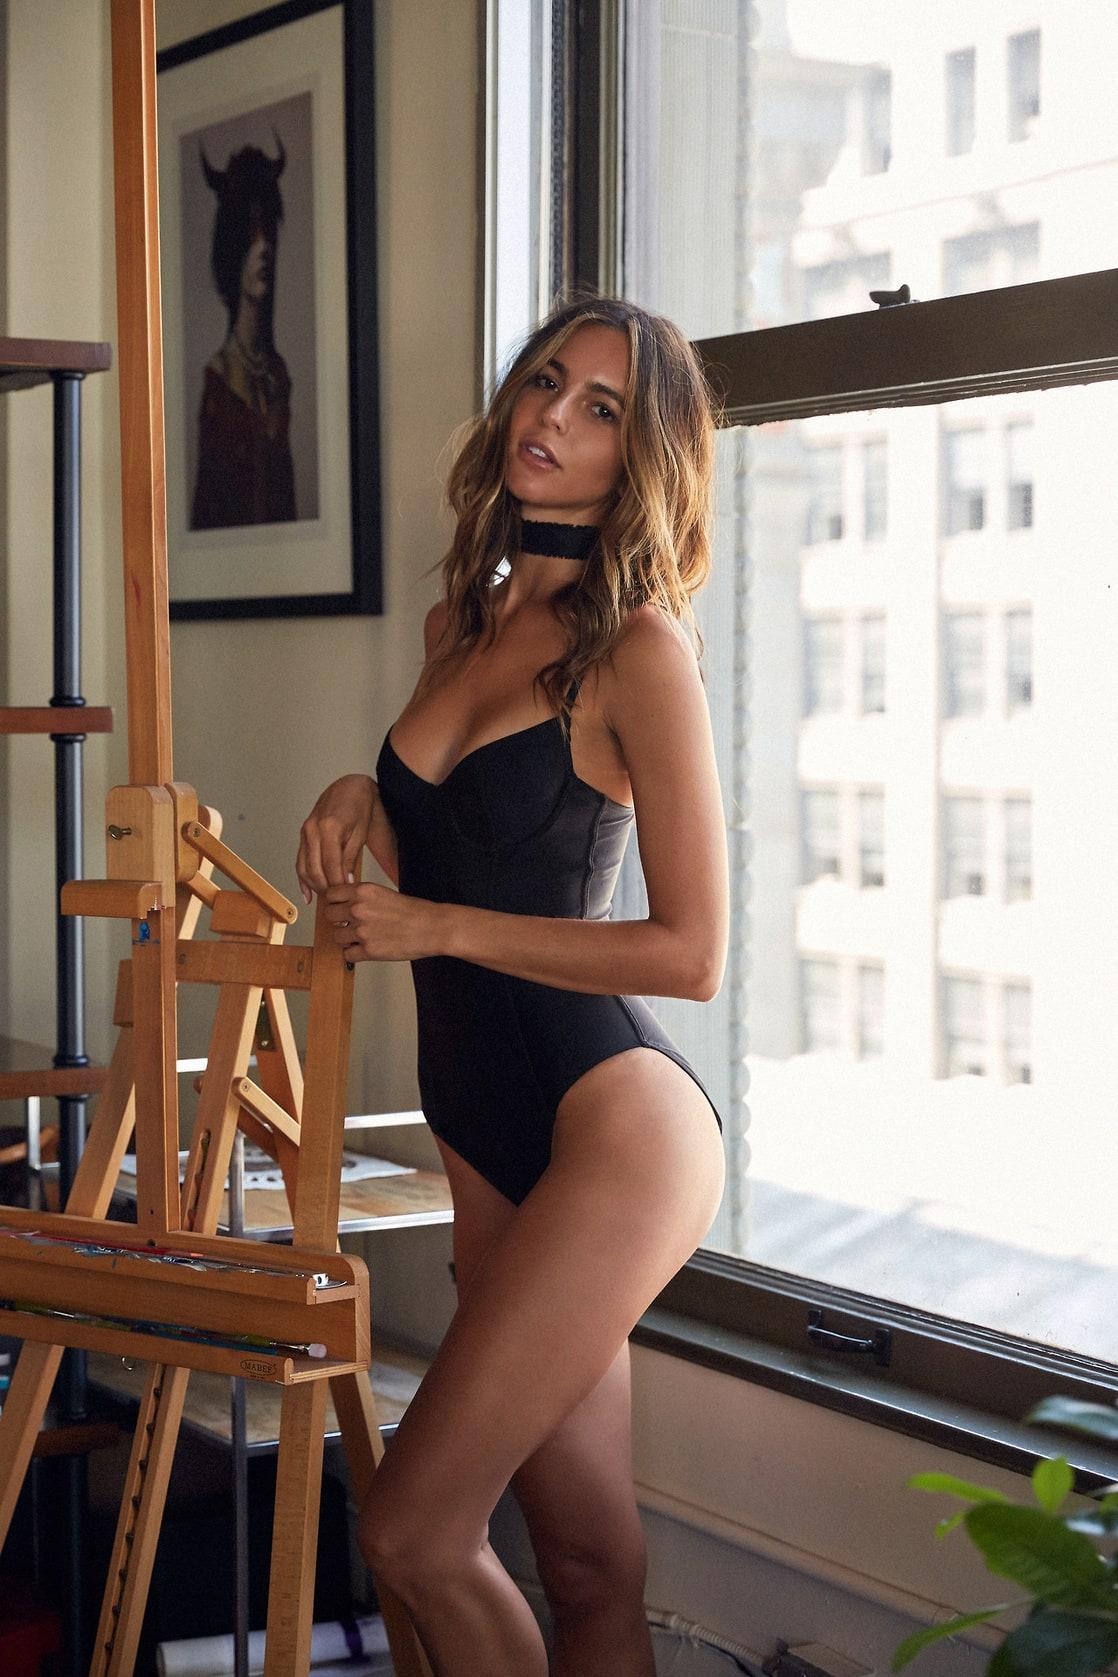 2019 Amanda Pizziconi nudes (17 photos), Sexy, Cleavage, Twitter, in bikini 2019